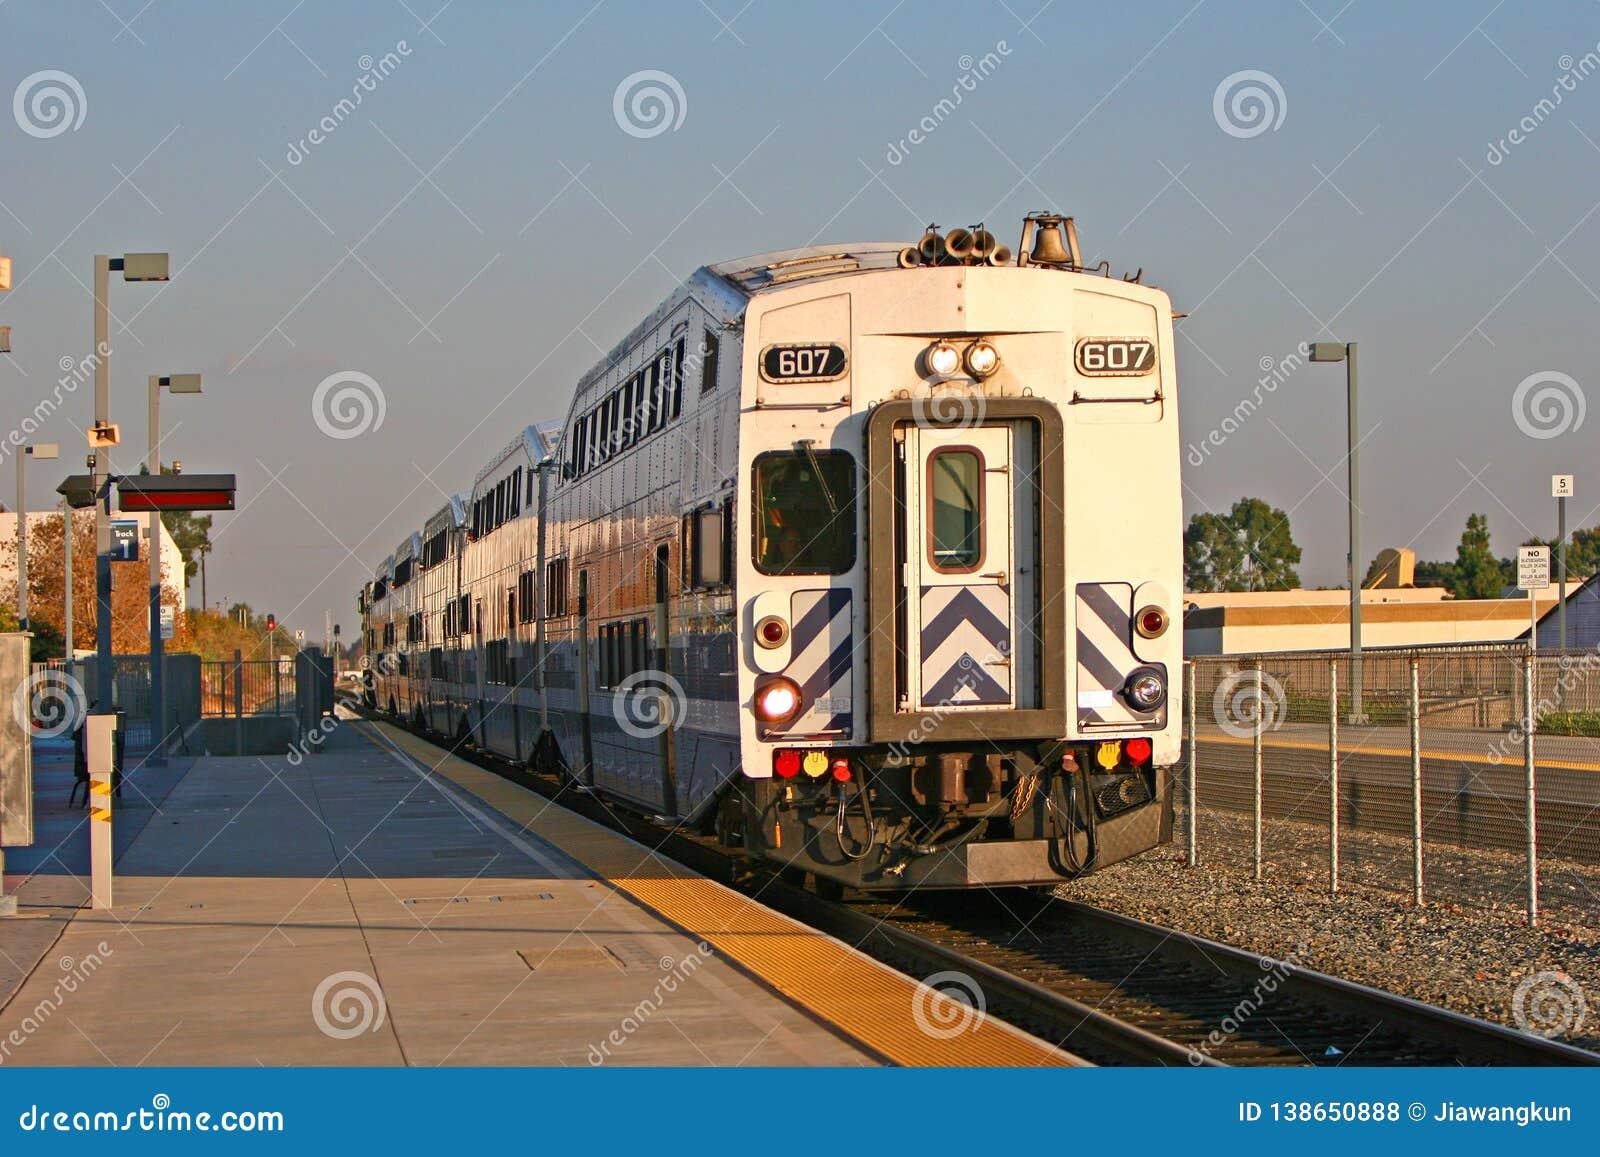 Metrolink in Moutclair, Los Angeles, CA, U.S.A.